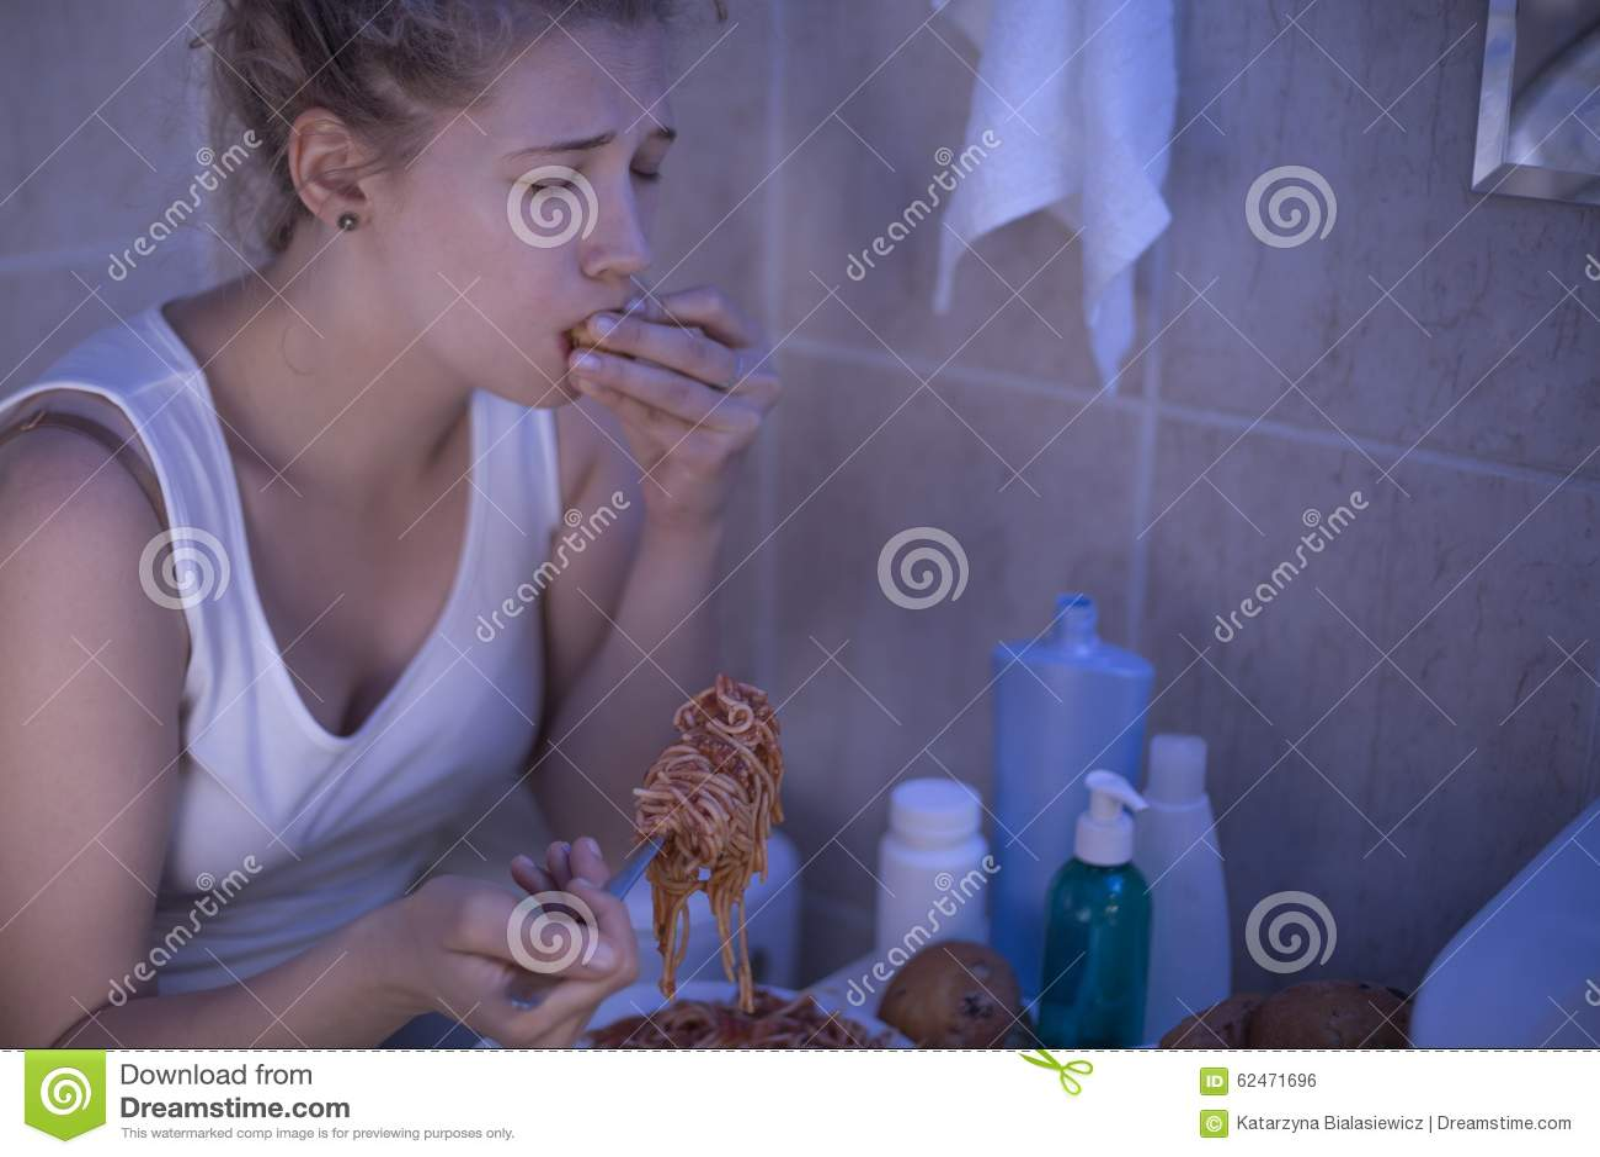 Souffrance de la boulimie